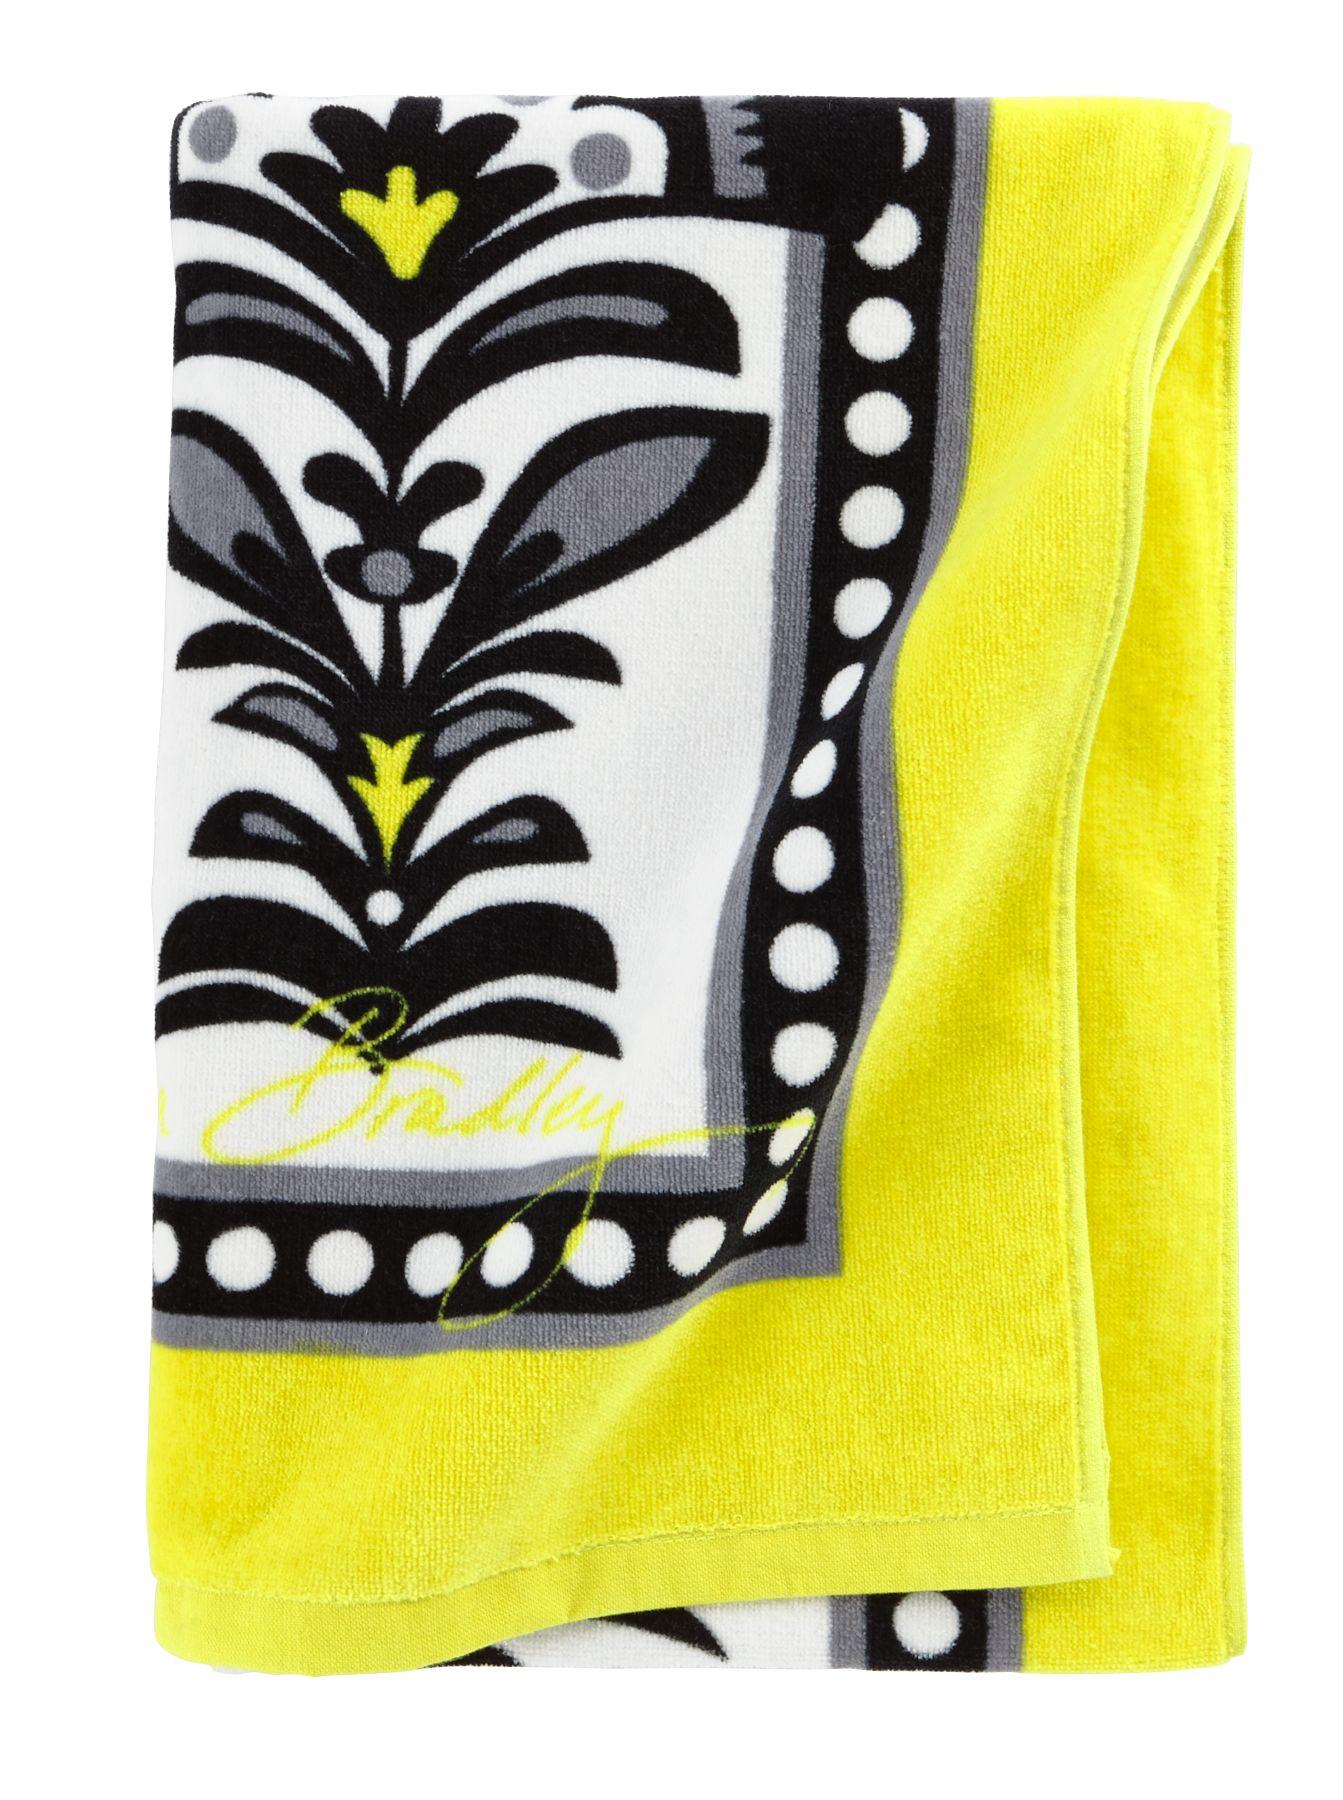 Vera Bradley Beach Towel in Fanfare $ 35.00